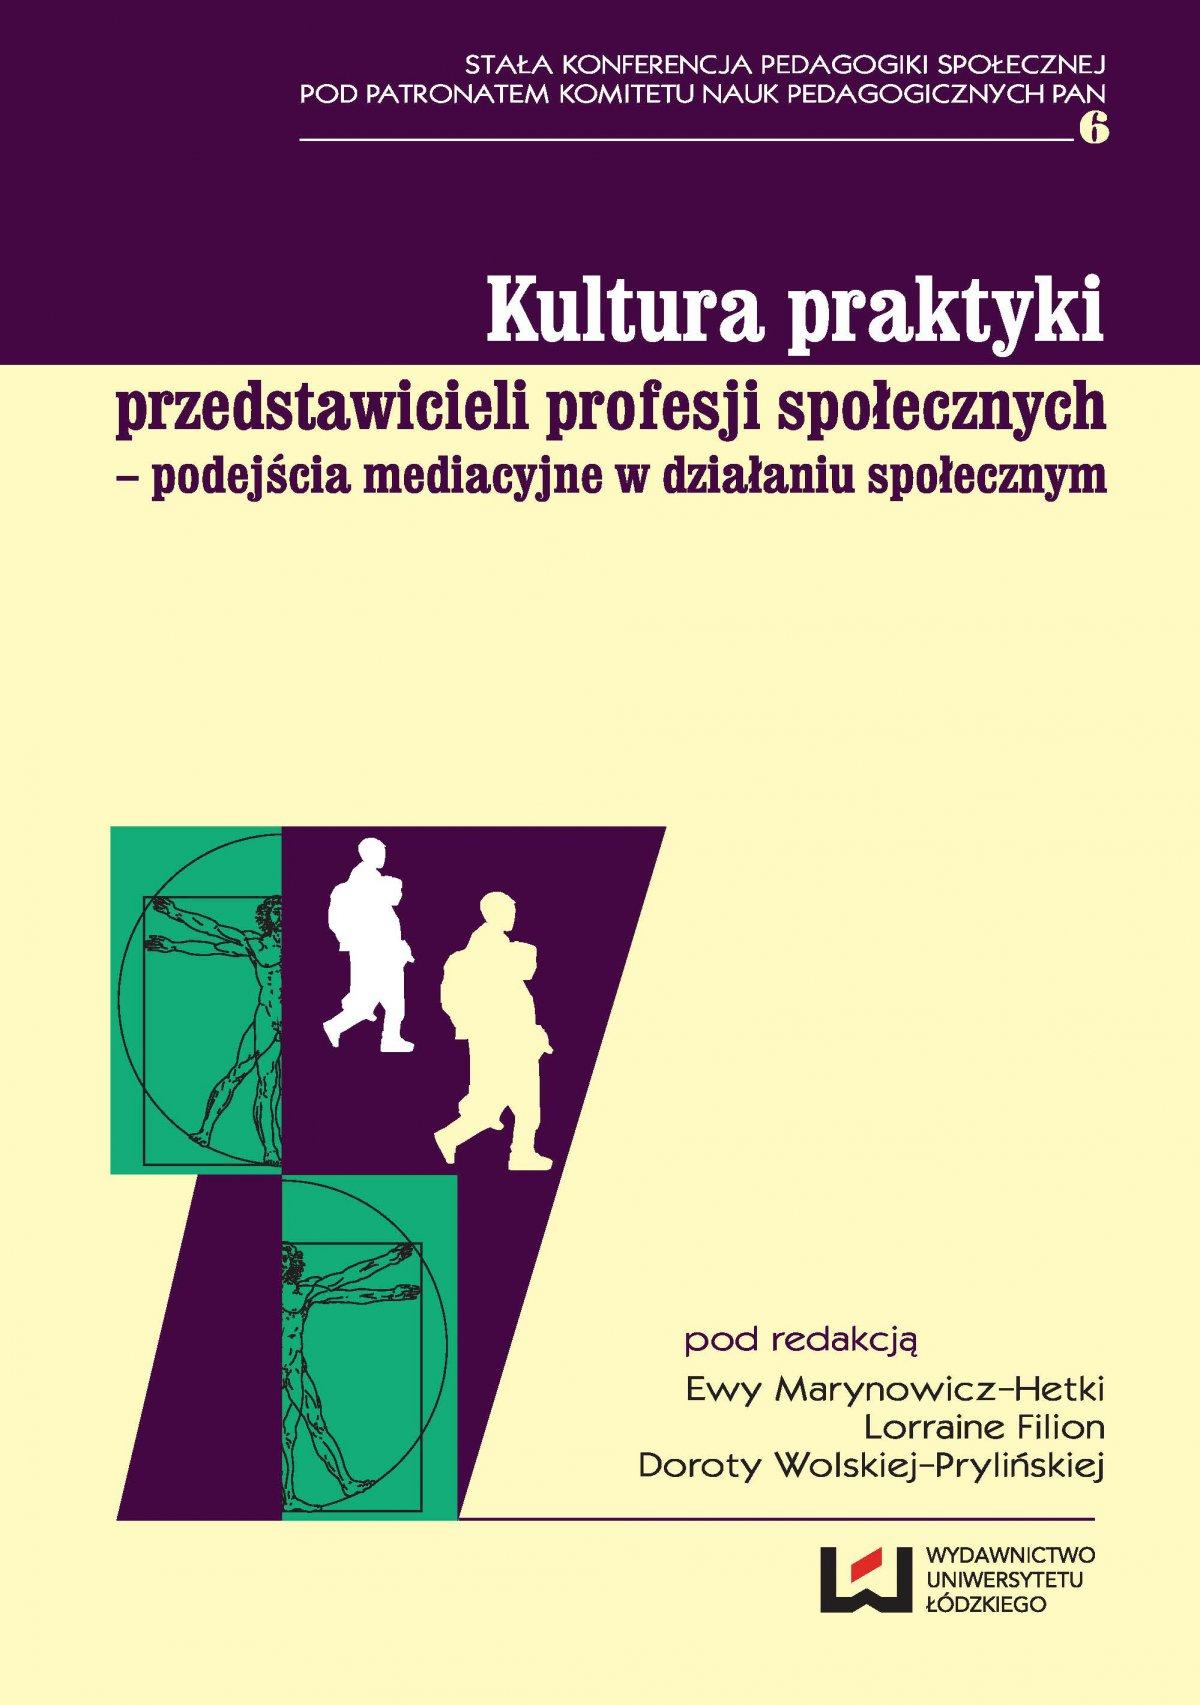 Kultura praktyki przedstawicieli profesji społecznych – podejścia mediacyjne w działaniu społecznym - Ebook (Książka PDF) do pobrania w formacie PDF